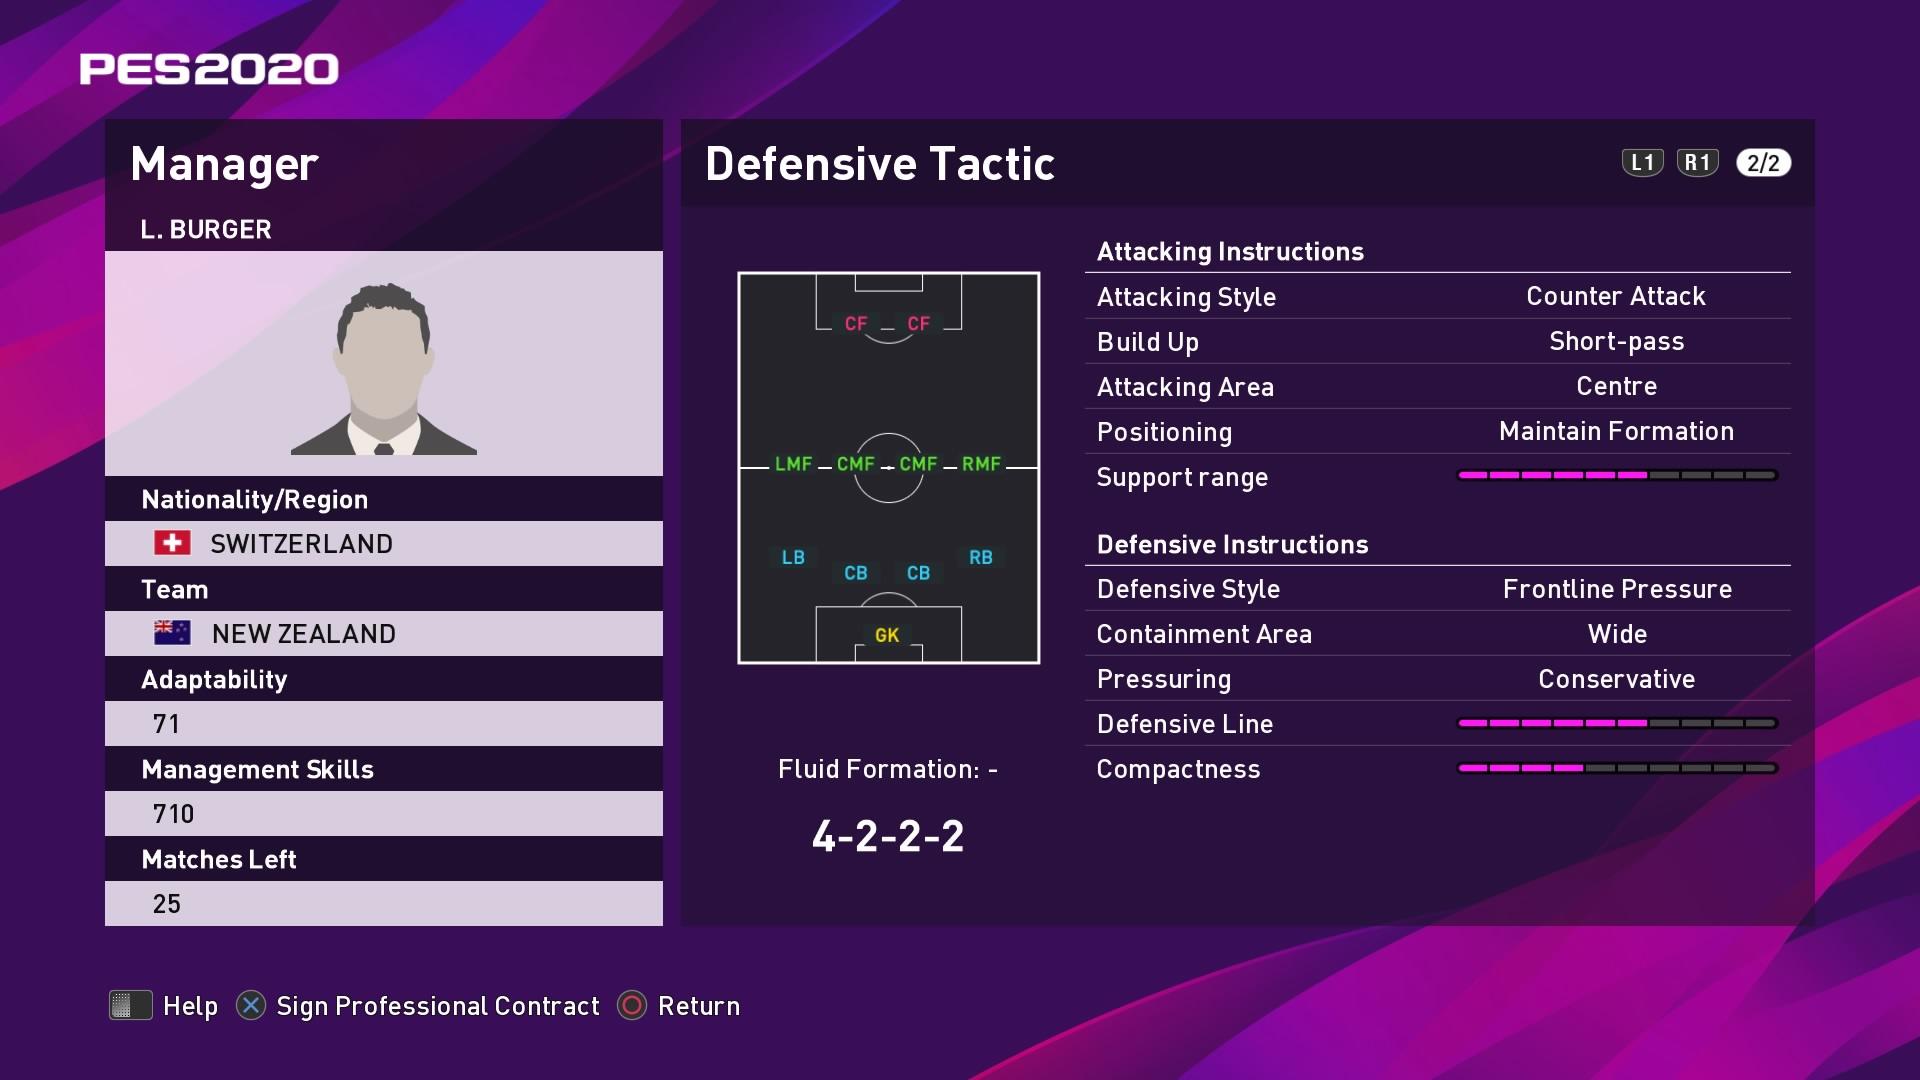 L. Burger Defensive Tactic in PES 2020 myClub